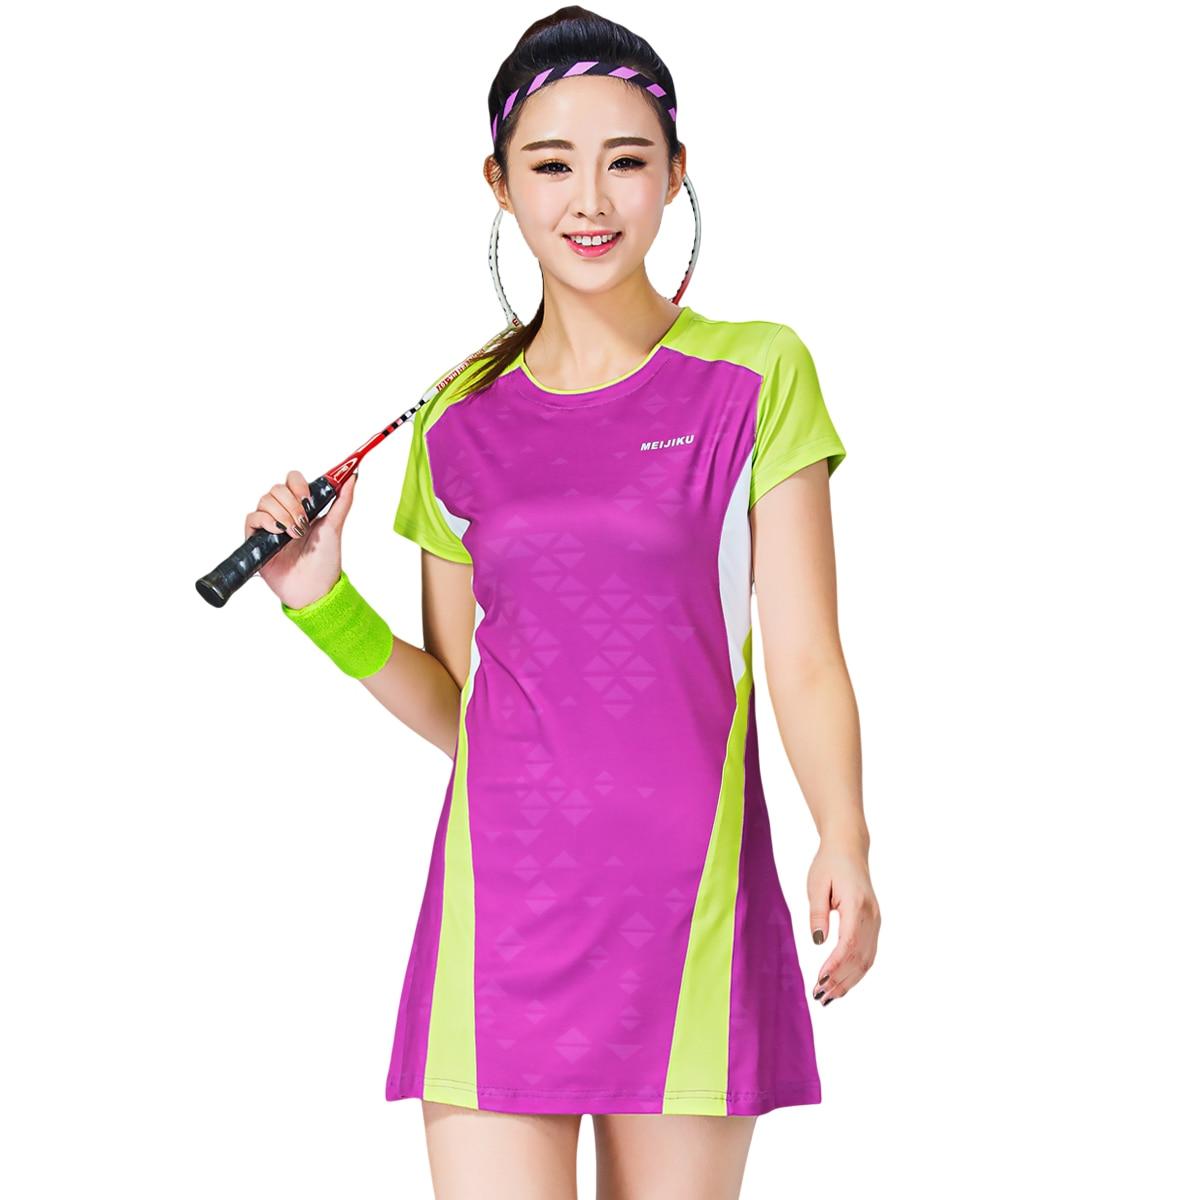 Femmes Sports Badminton Tennis robes séchage rapide respirant mince robe avec sécurité courte filles Sport vêtements de Sport vêtements 2019